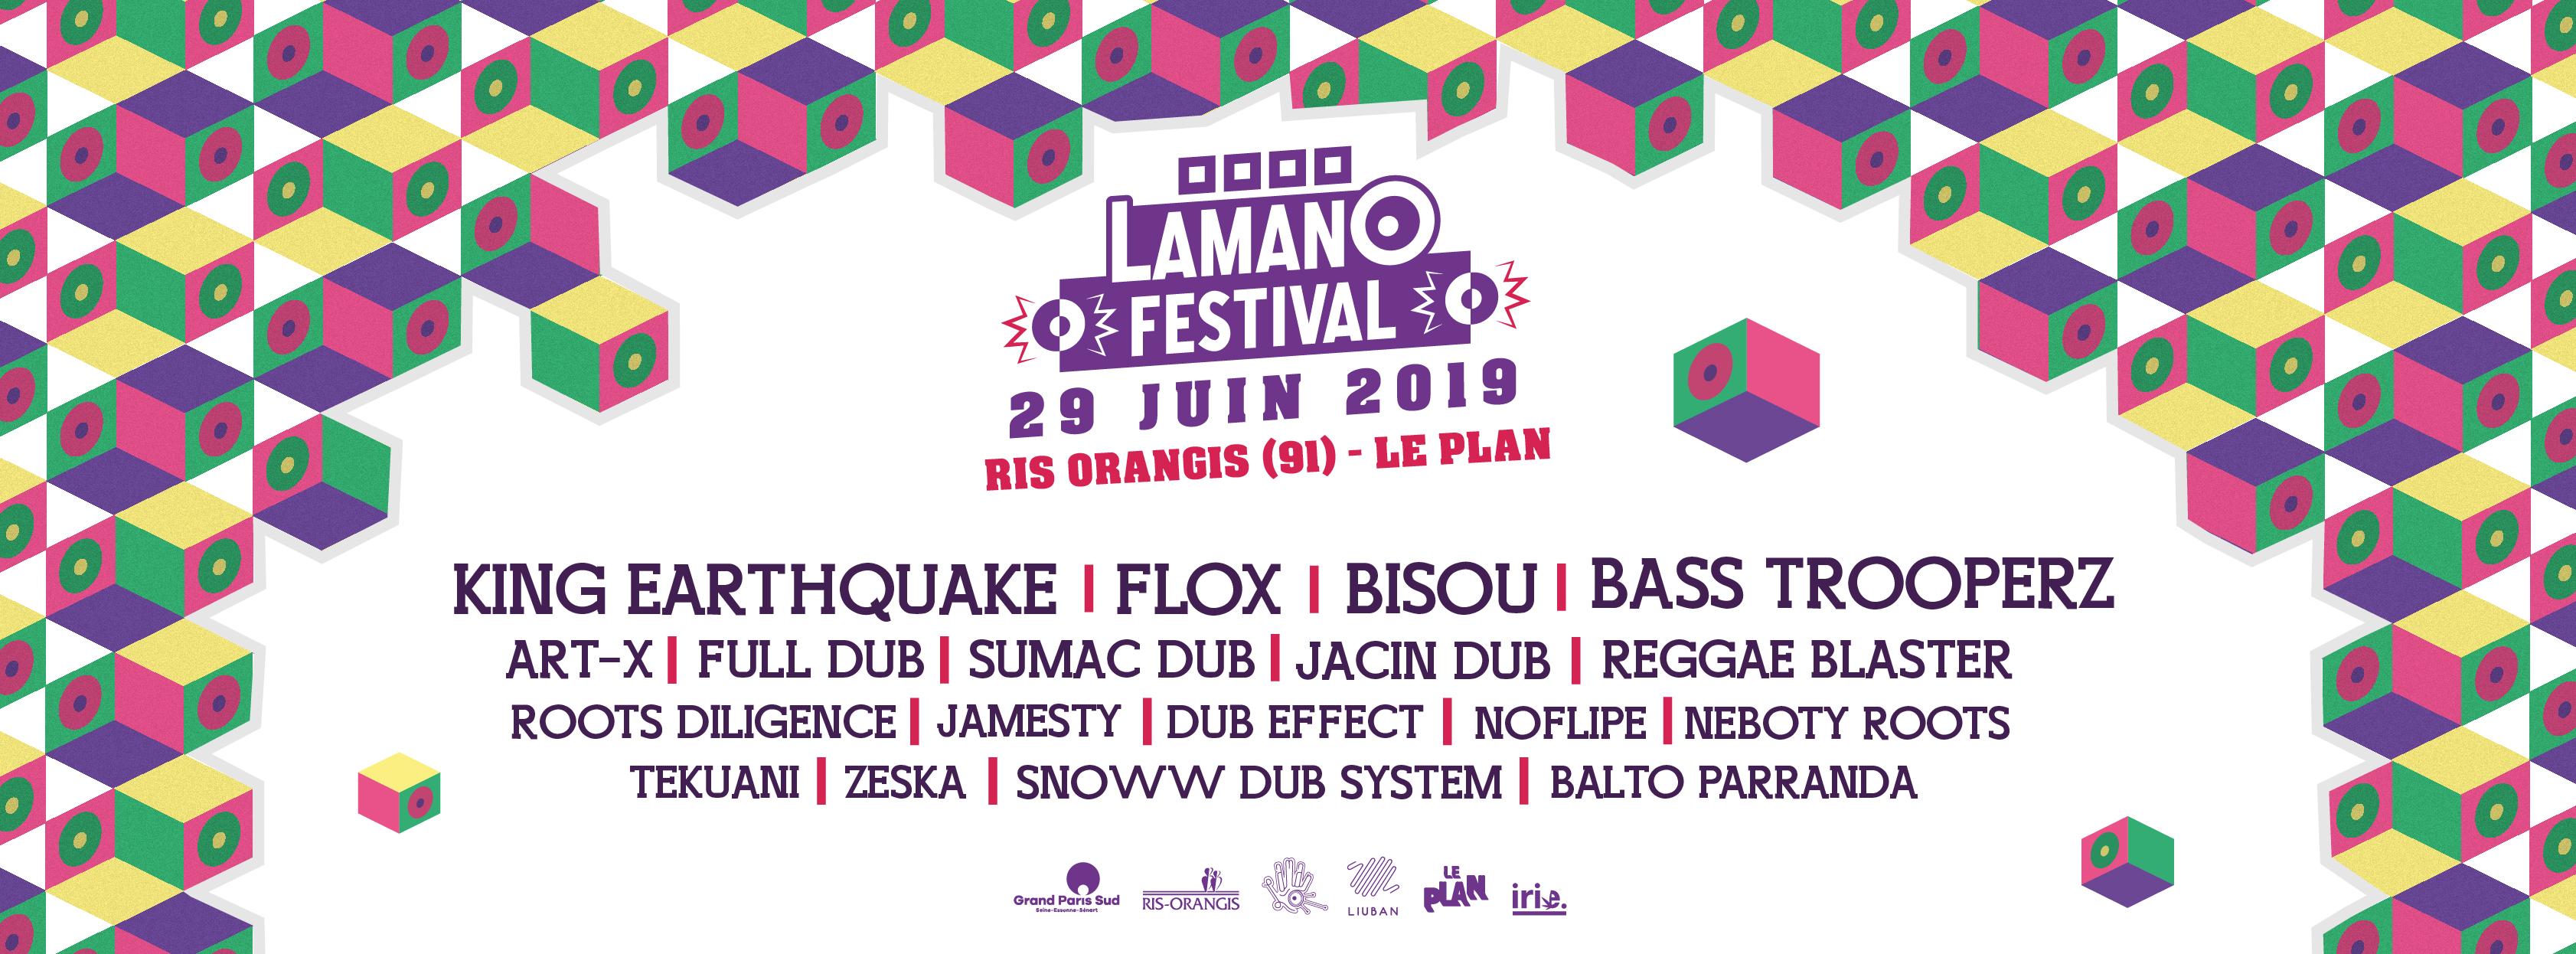 Lamano Festival 2019